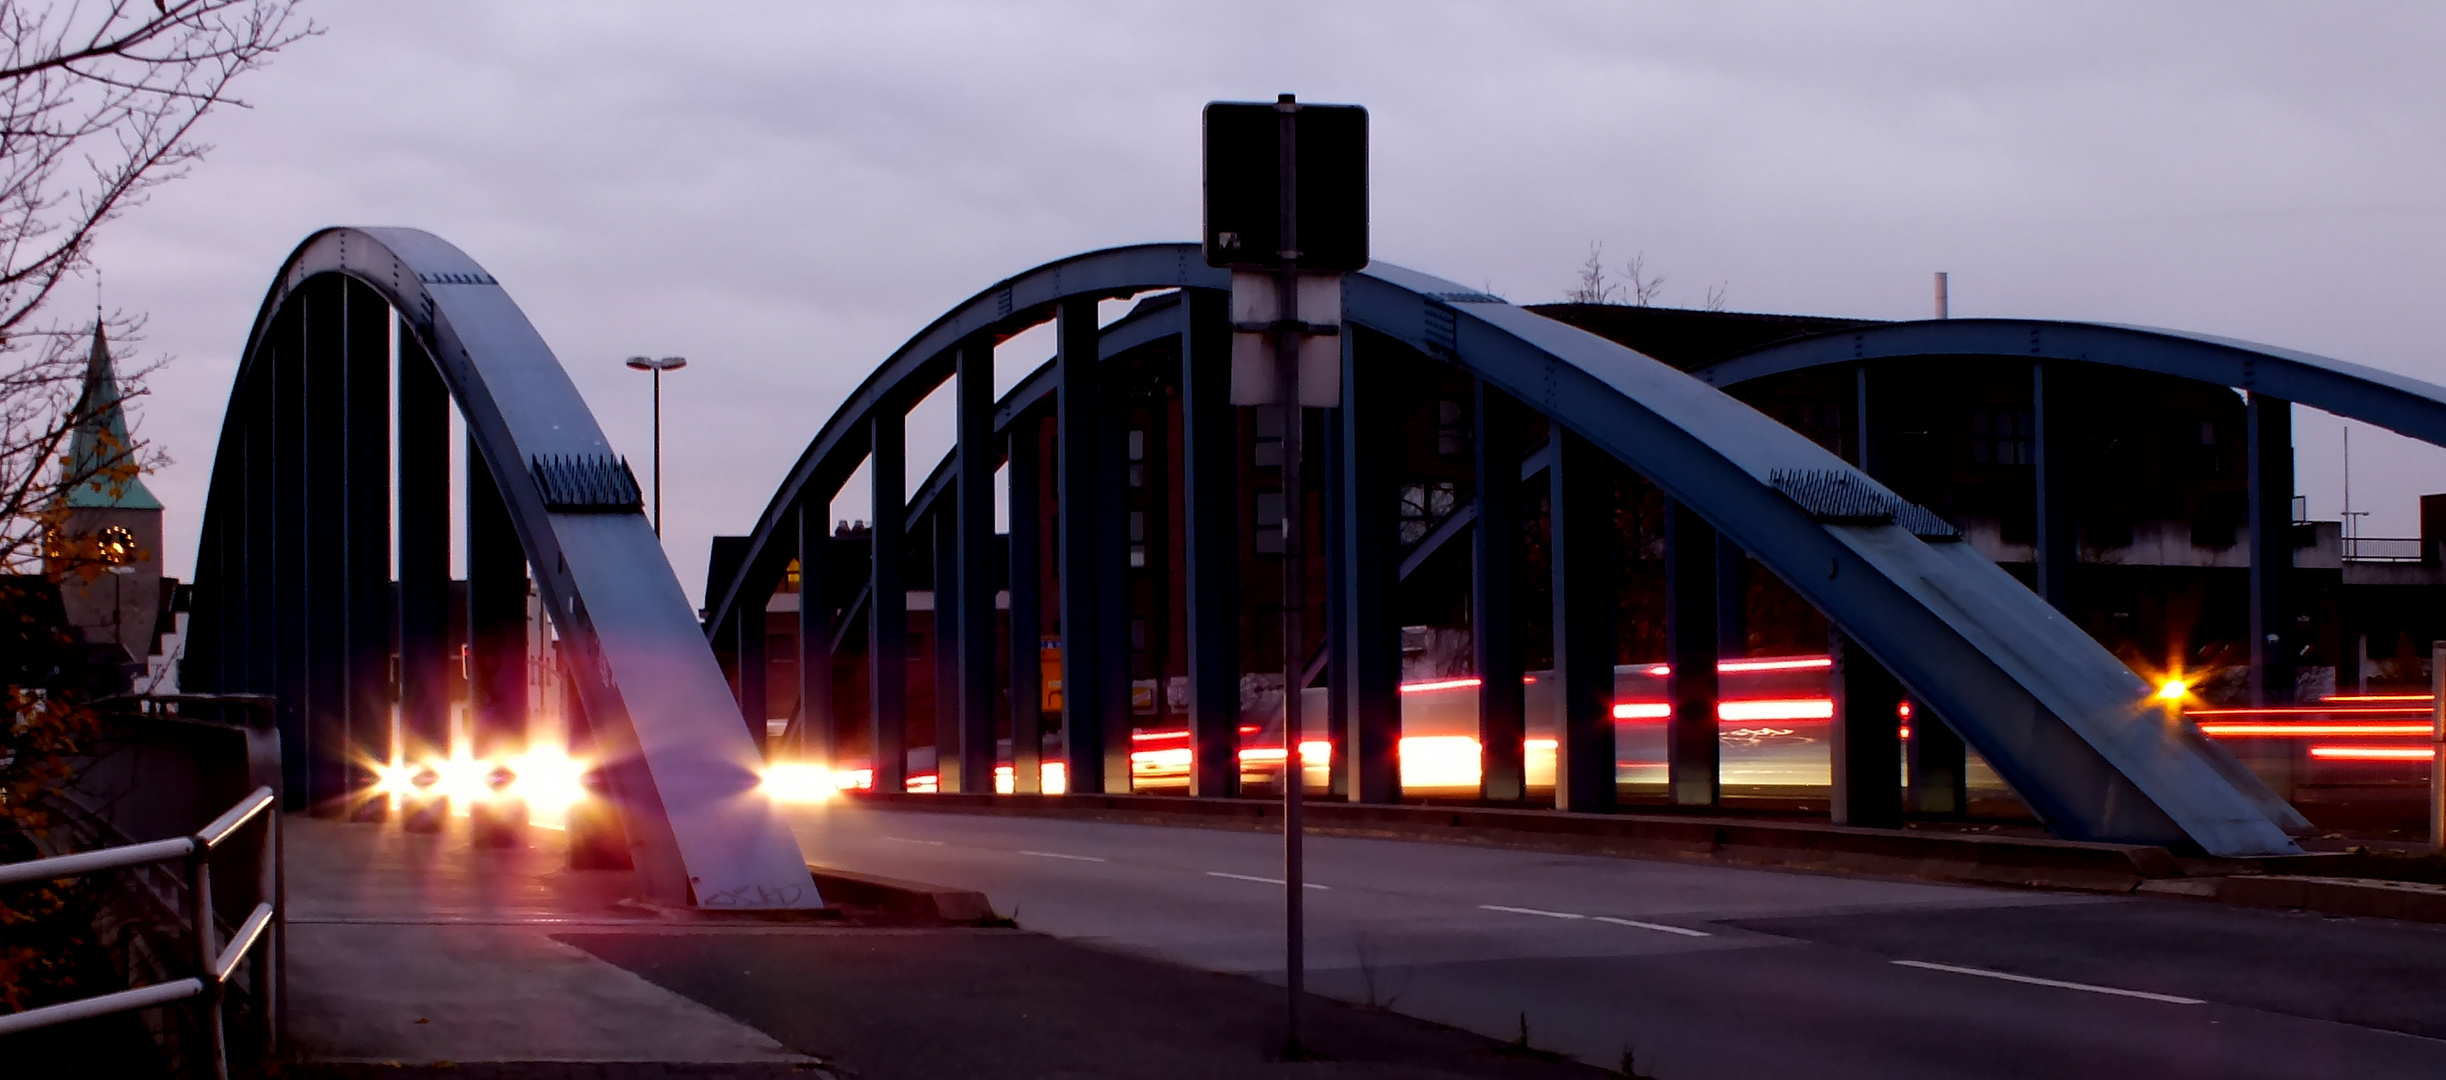 Kanalbrücke in der Früh